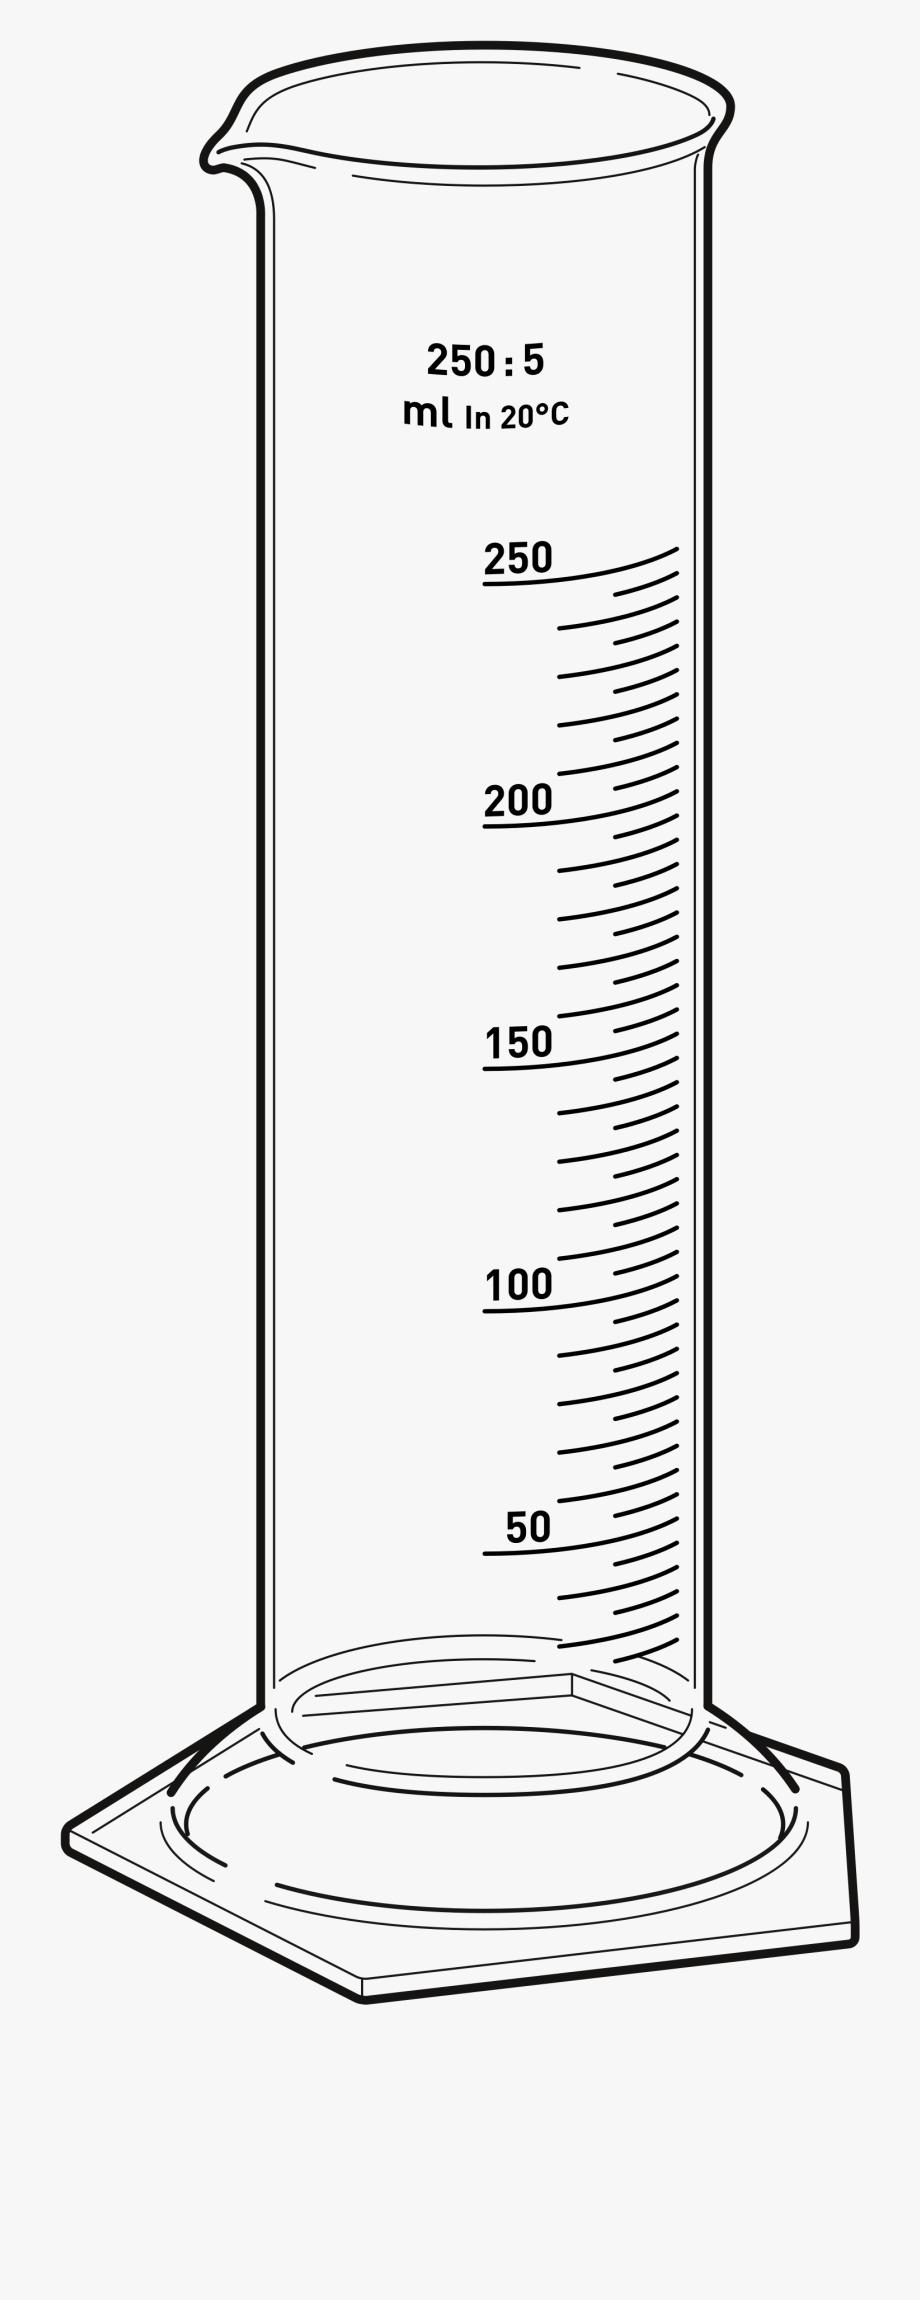 Beaker clipart measurement. Drawing ml line measuring